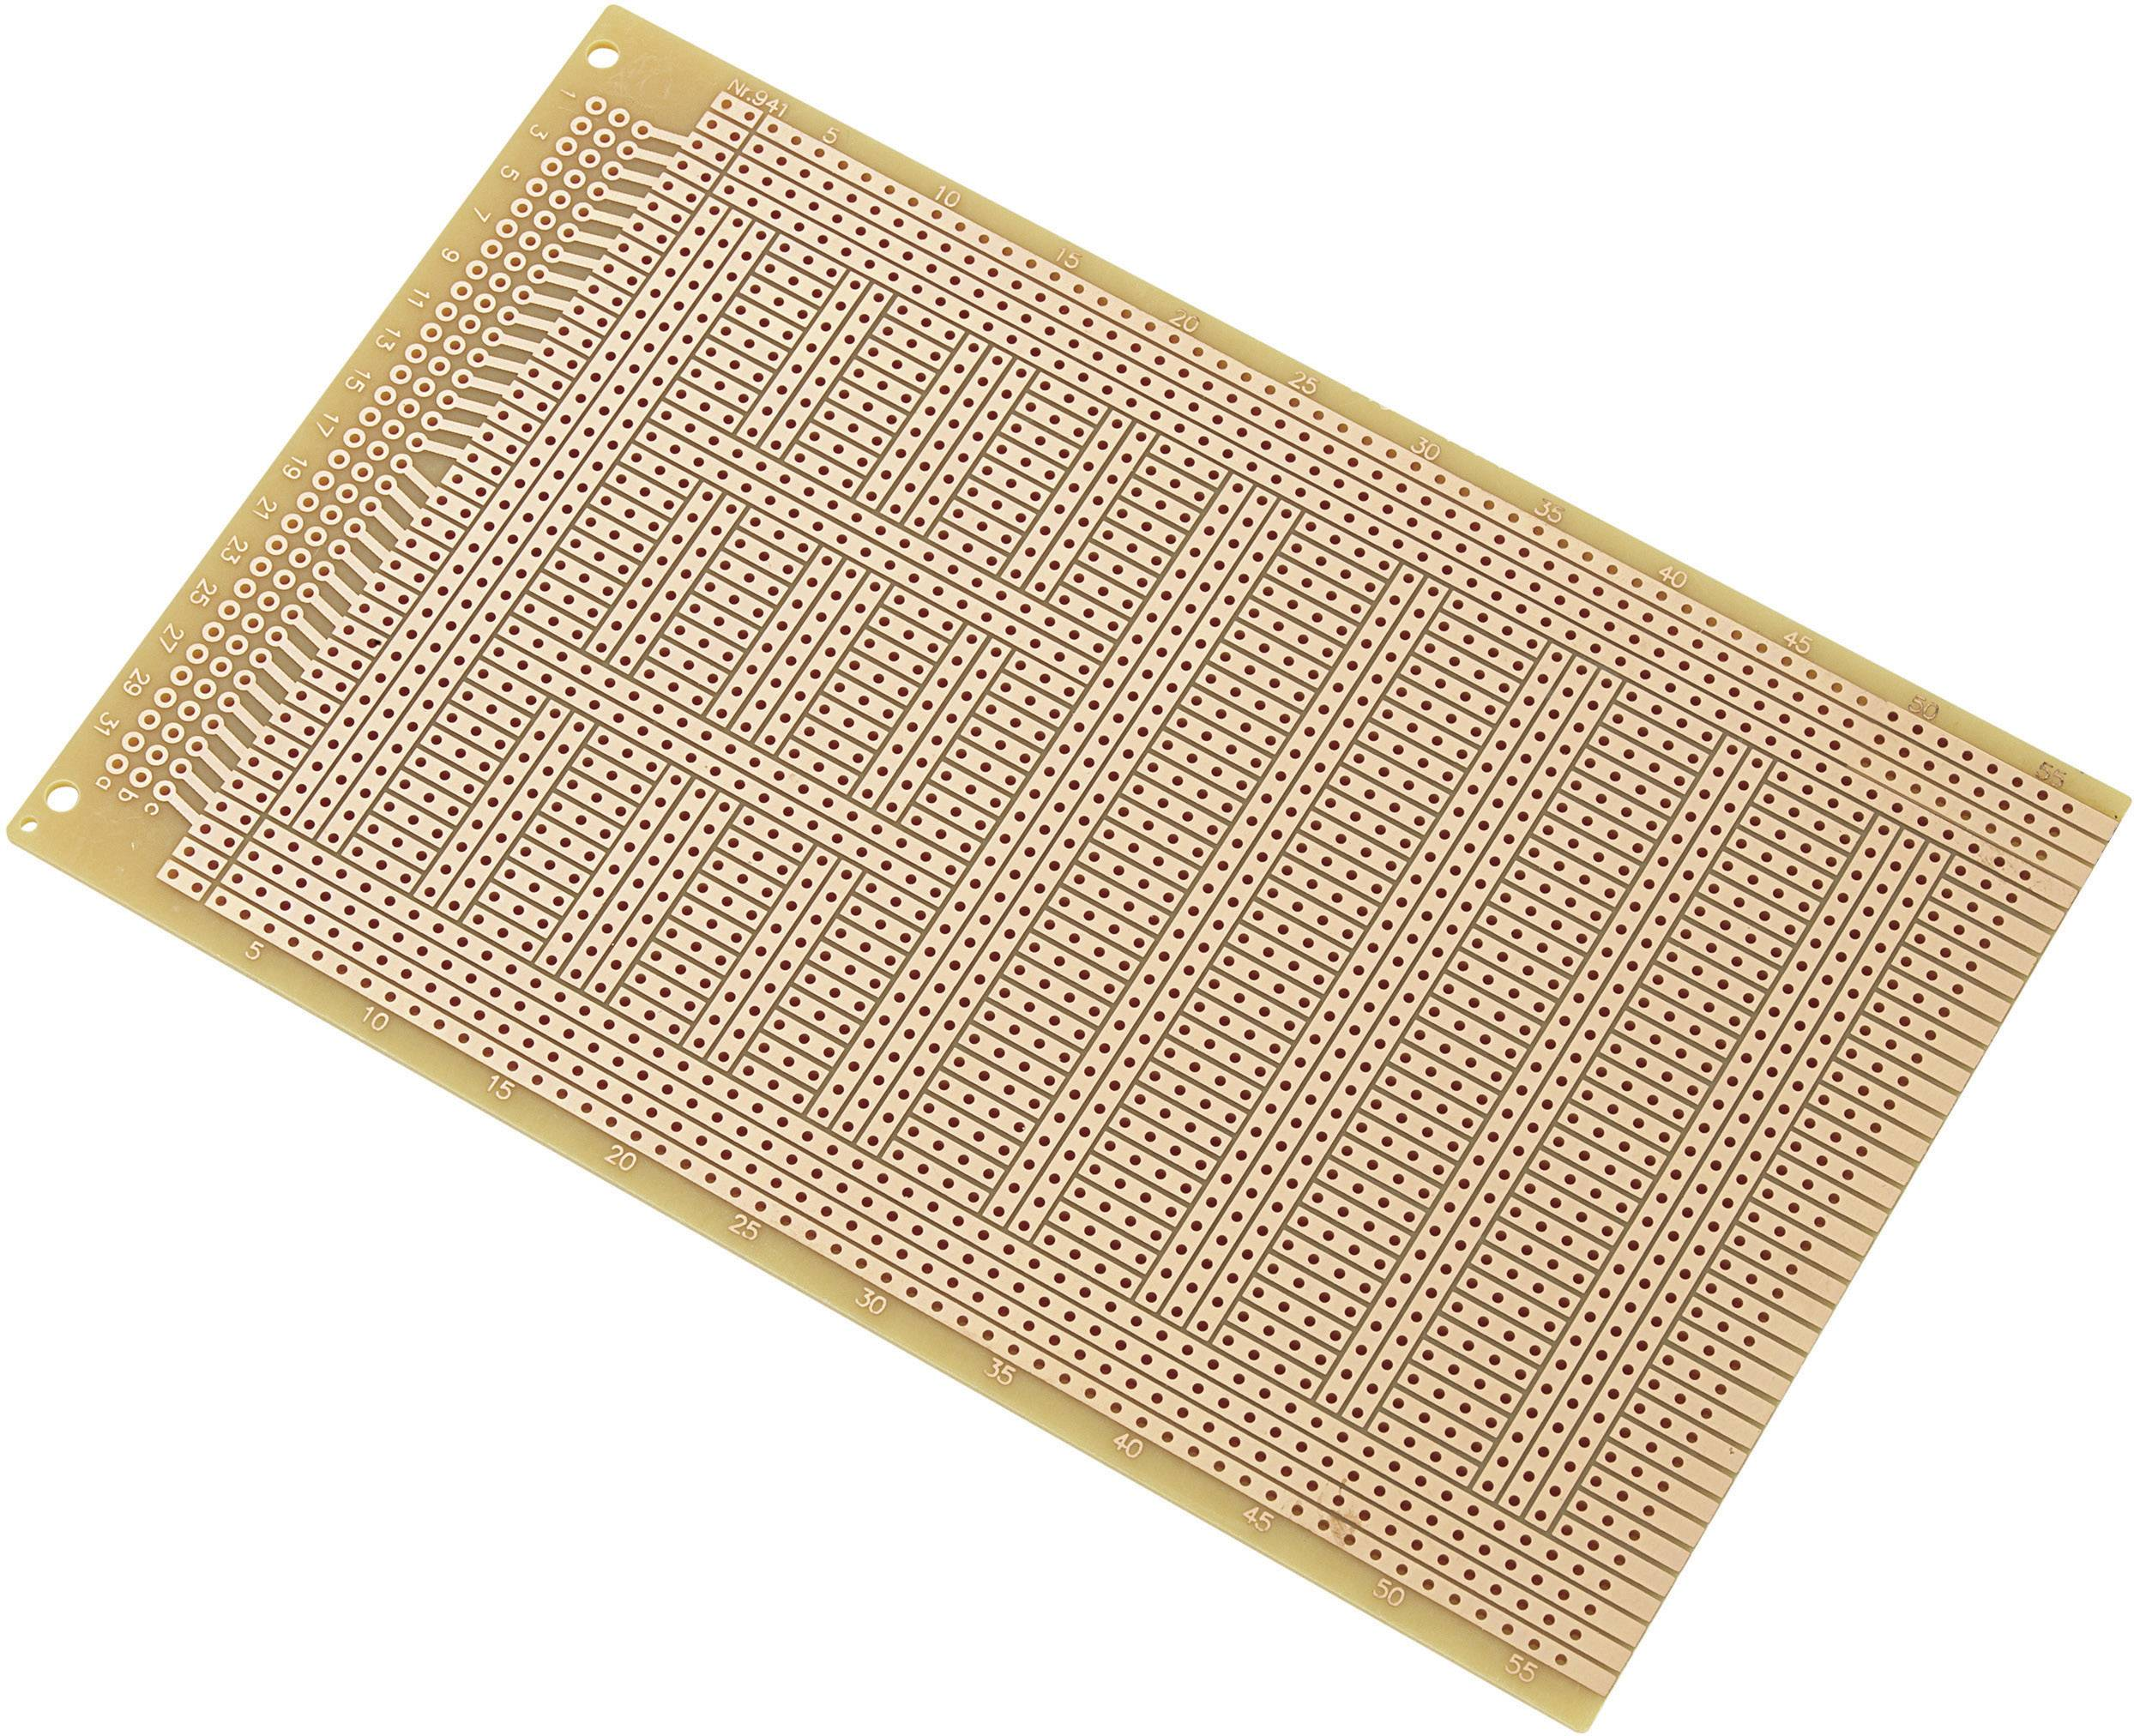 Europrocesor SU527823, 160 x 100mm, tvrdený papier